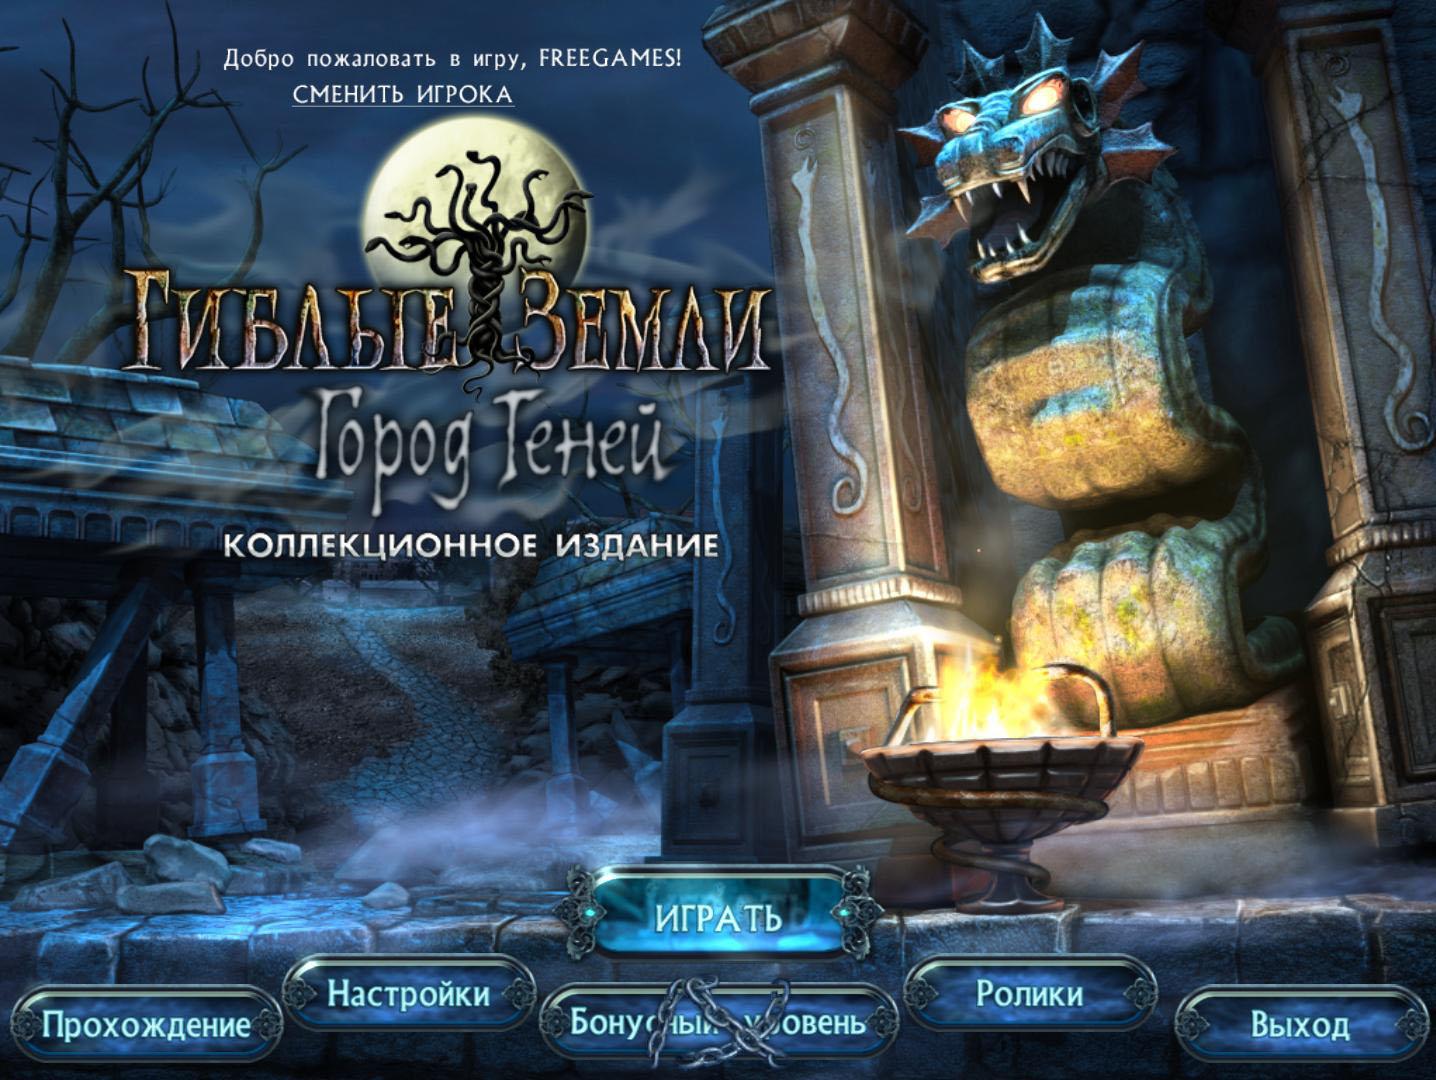 Гиблые земли: Город теней. Коллекционное издание | Twisted Lands: Shadow Town CE (Rus)